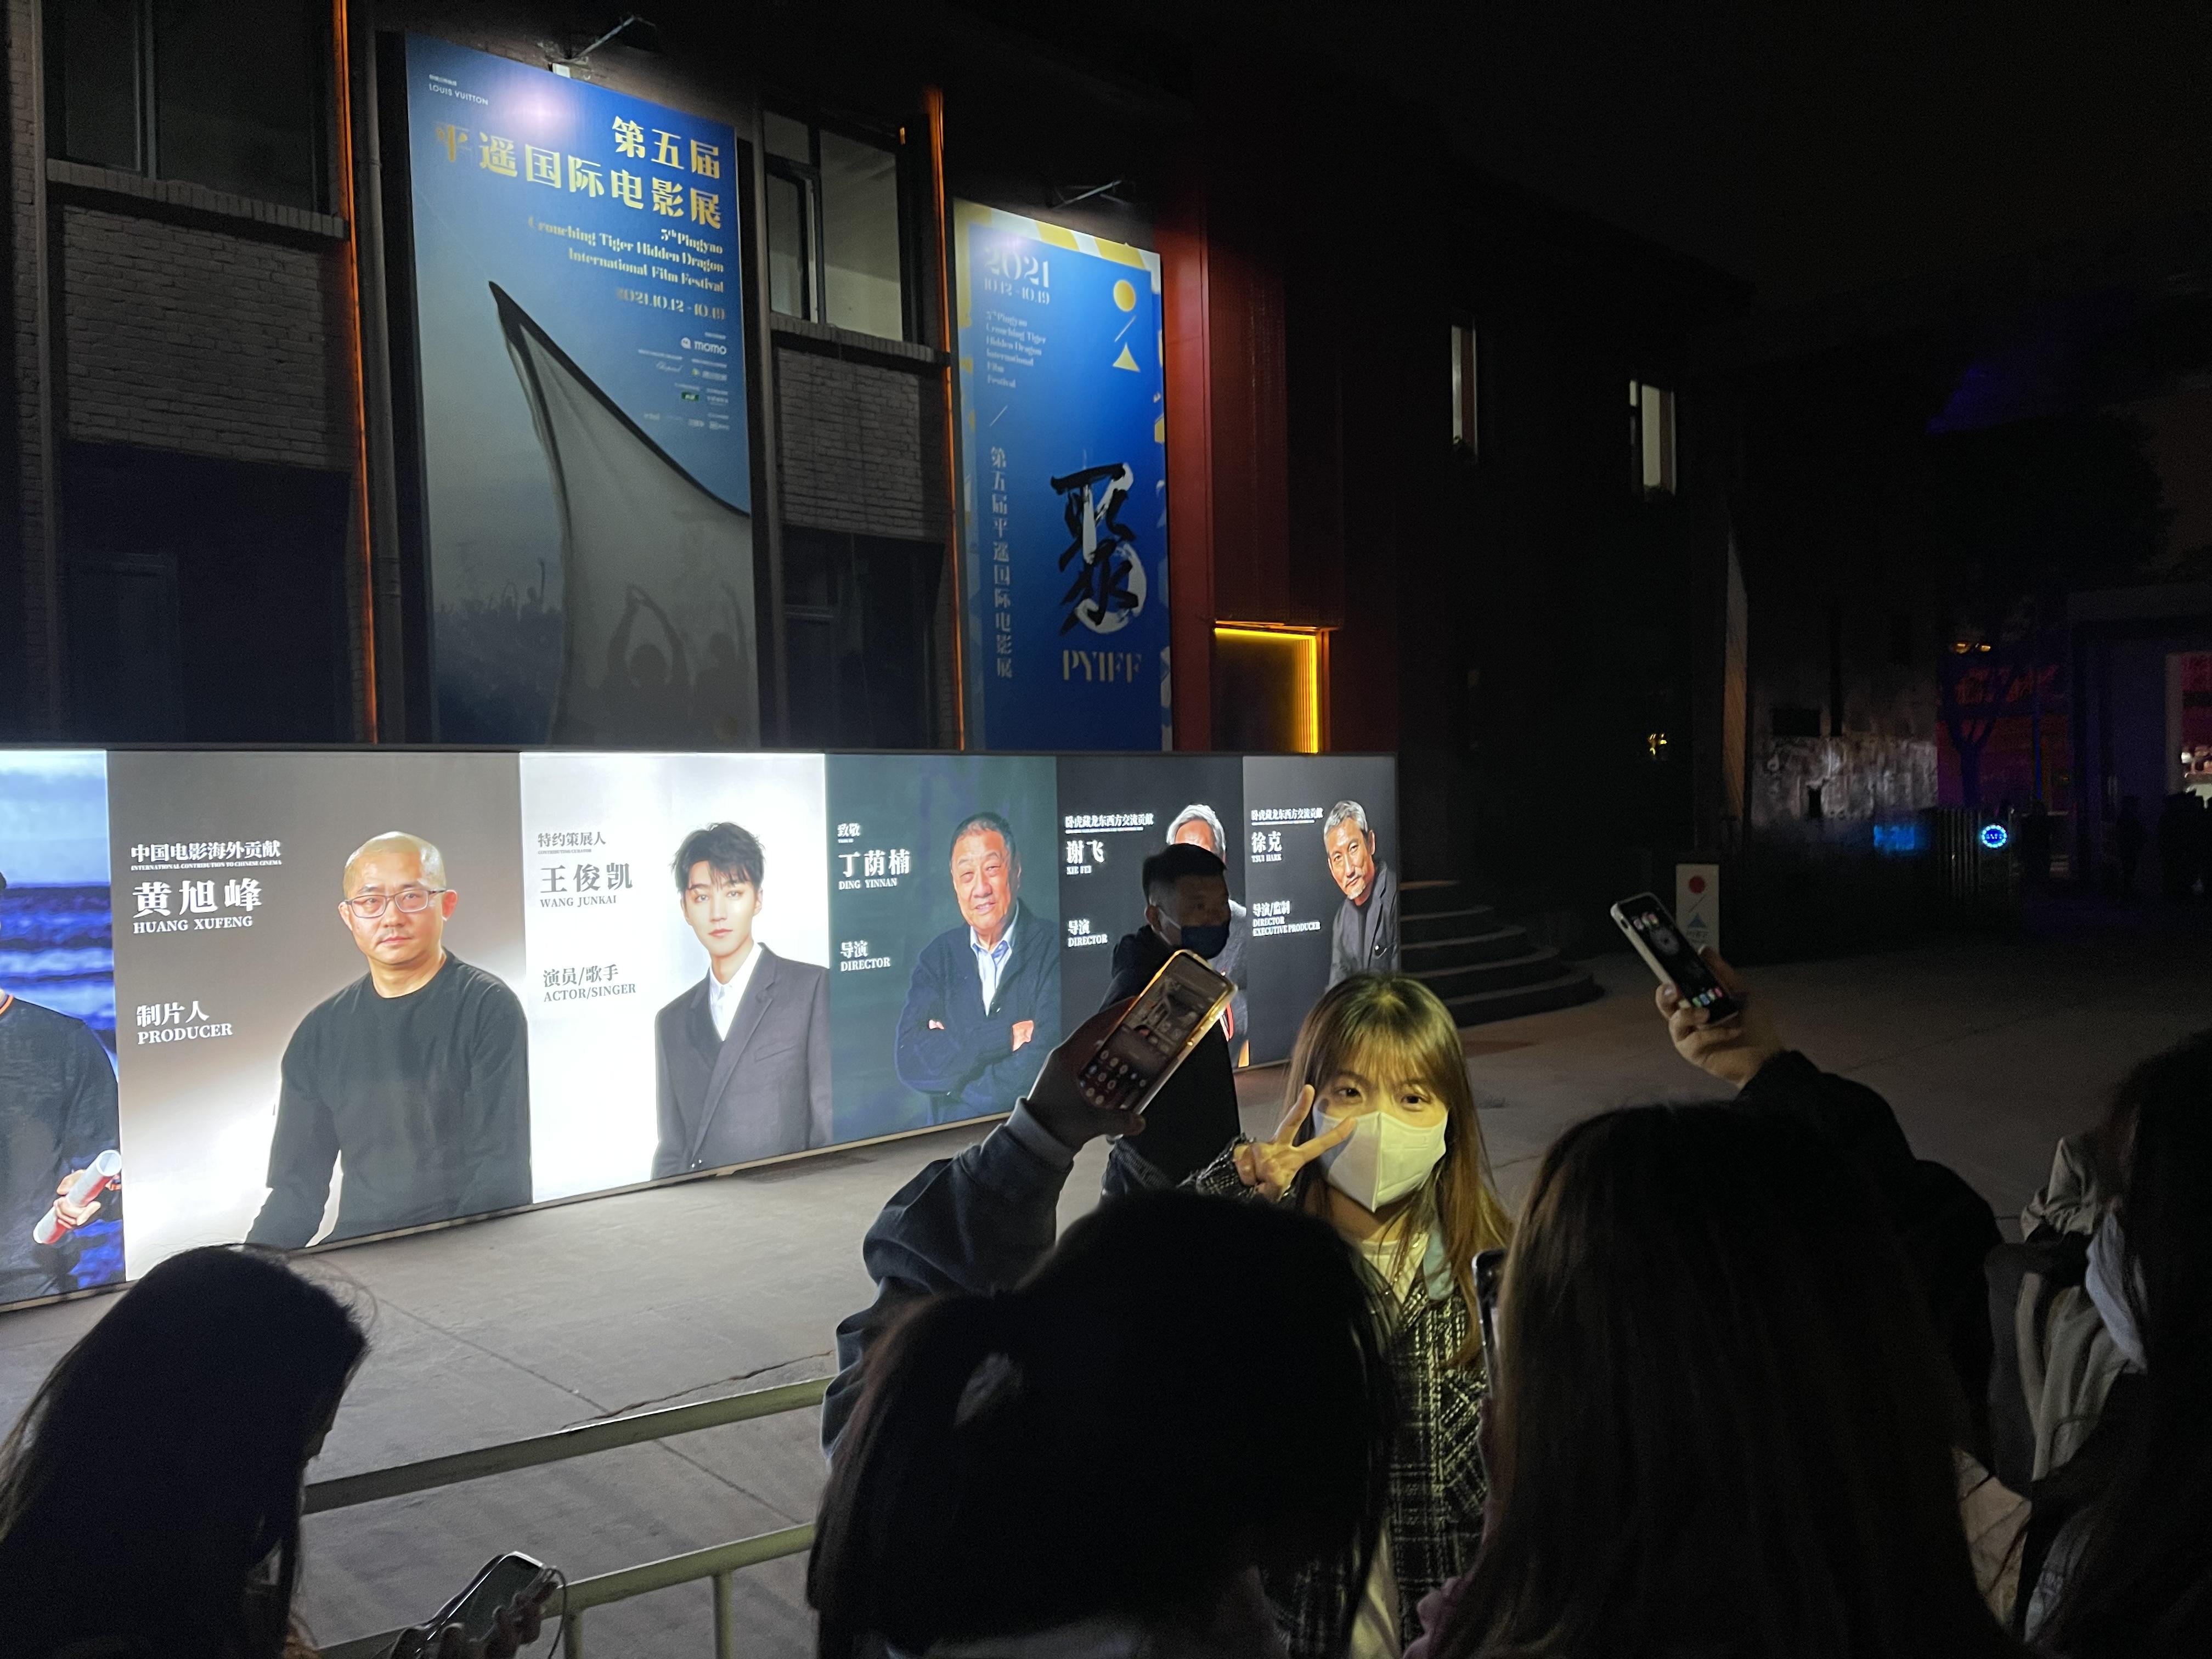 平遥国际电影展内,粉丝与偶像照片合影.jpg